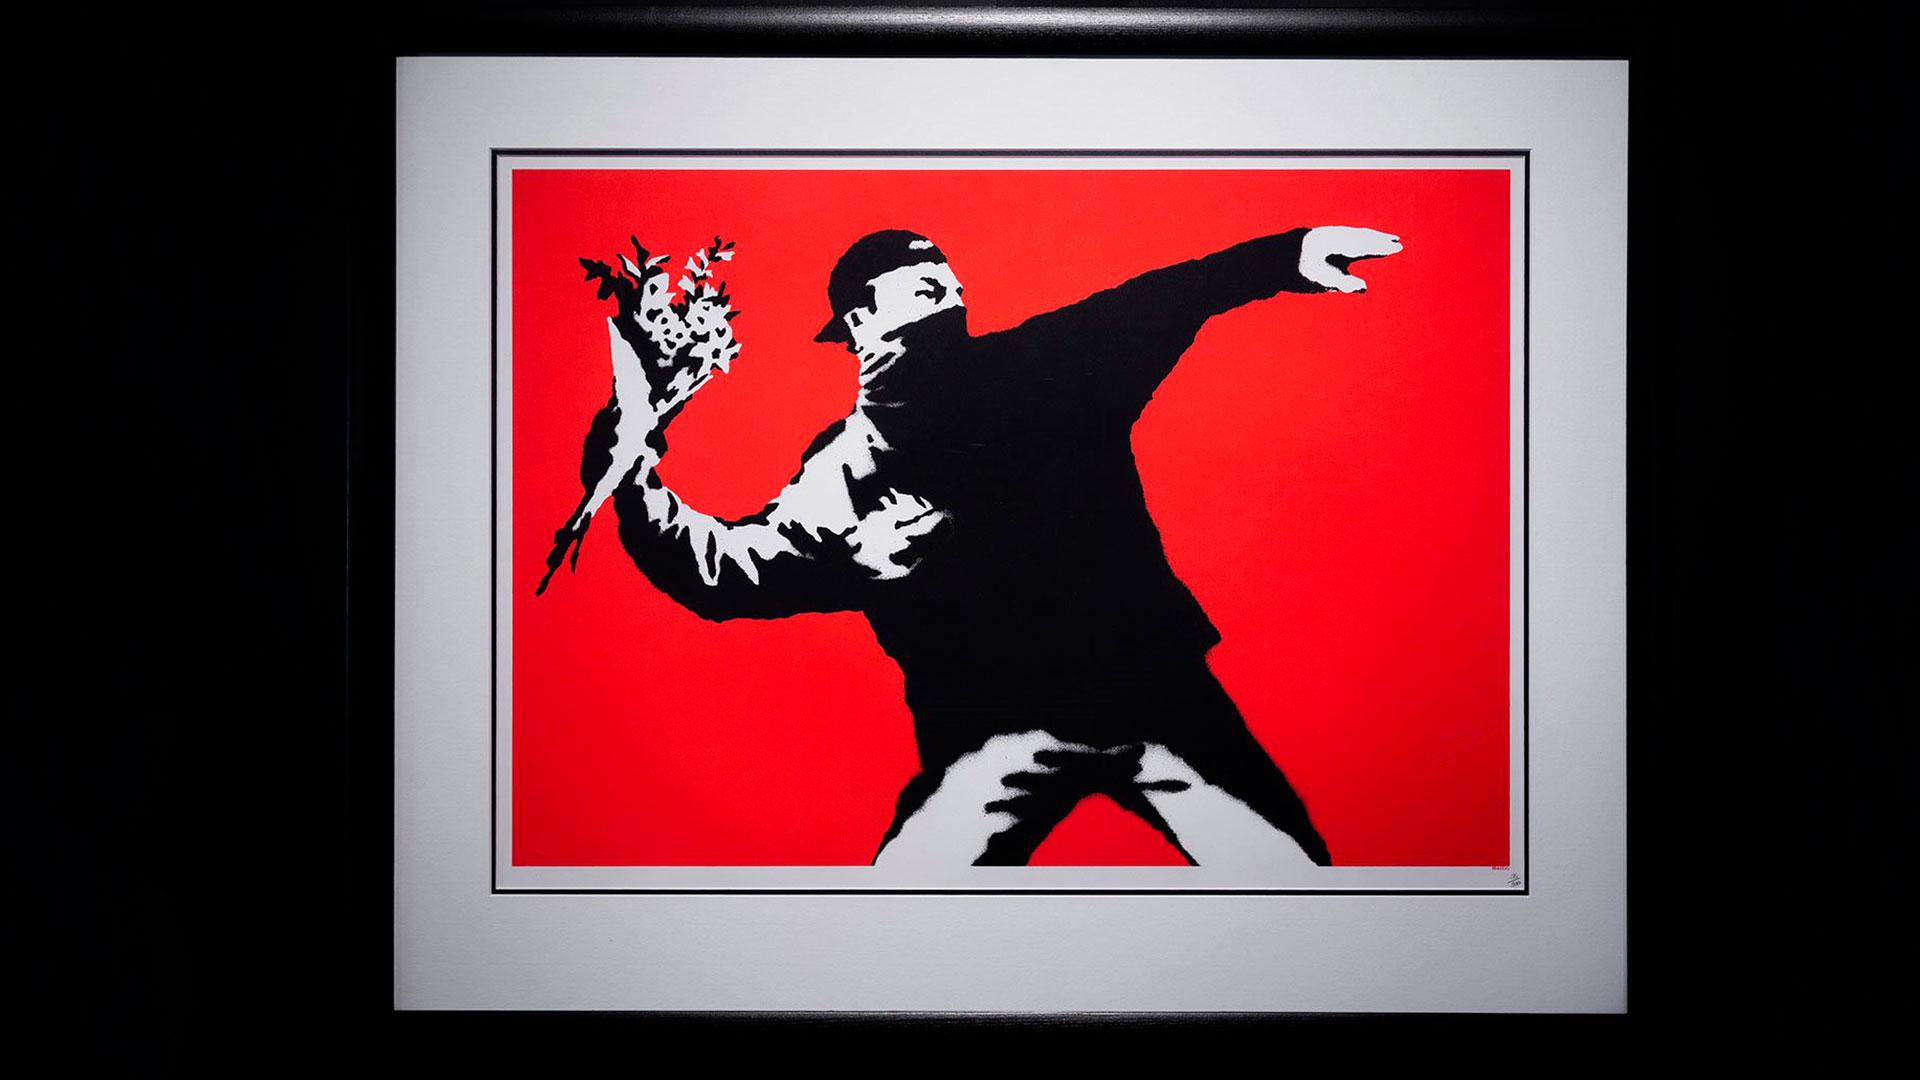 Imagen de la exposición de Banksy en Madrid